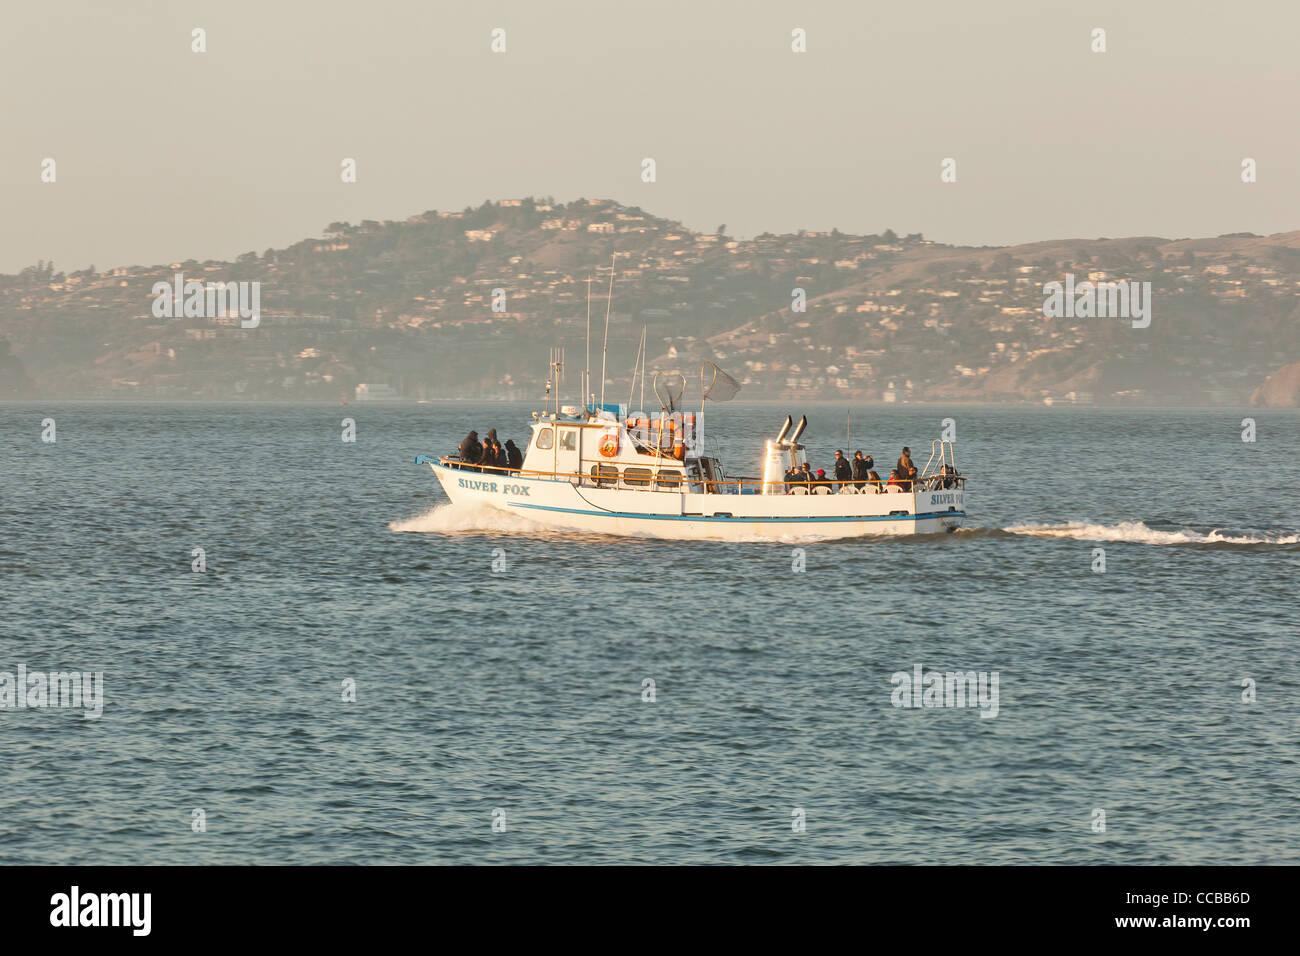 Une location de bateau de pêche en partance pour l'eau profonde Photo Stock